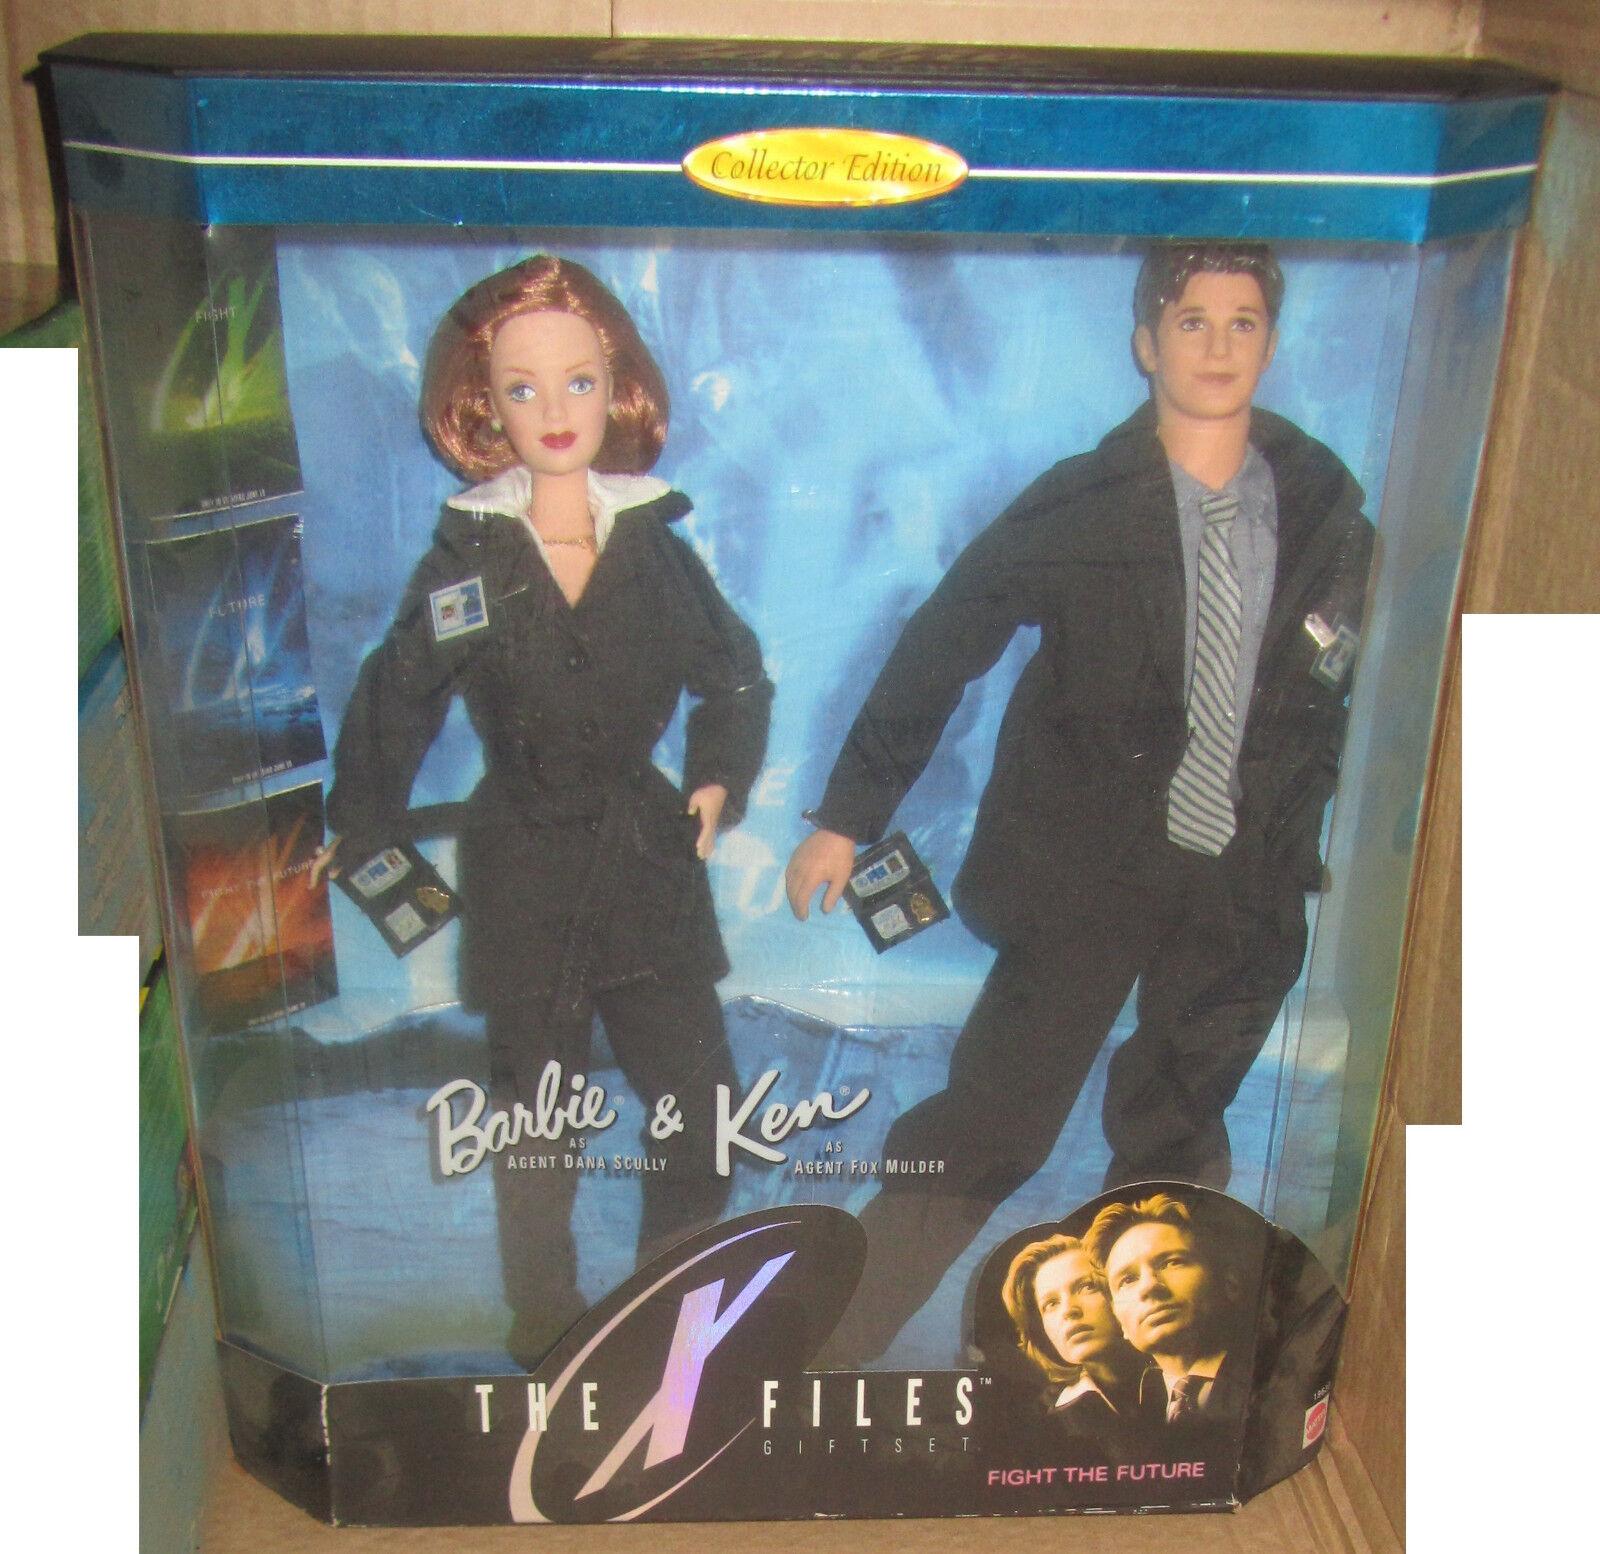 BARBIE & KEN THE X-FILES GIFTSET 1998 NRFB Mattel SPESE GRATIS